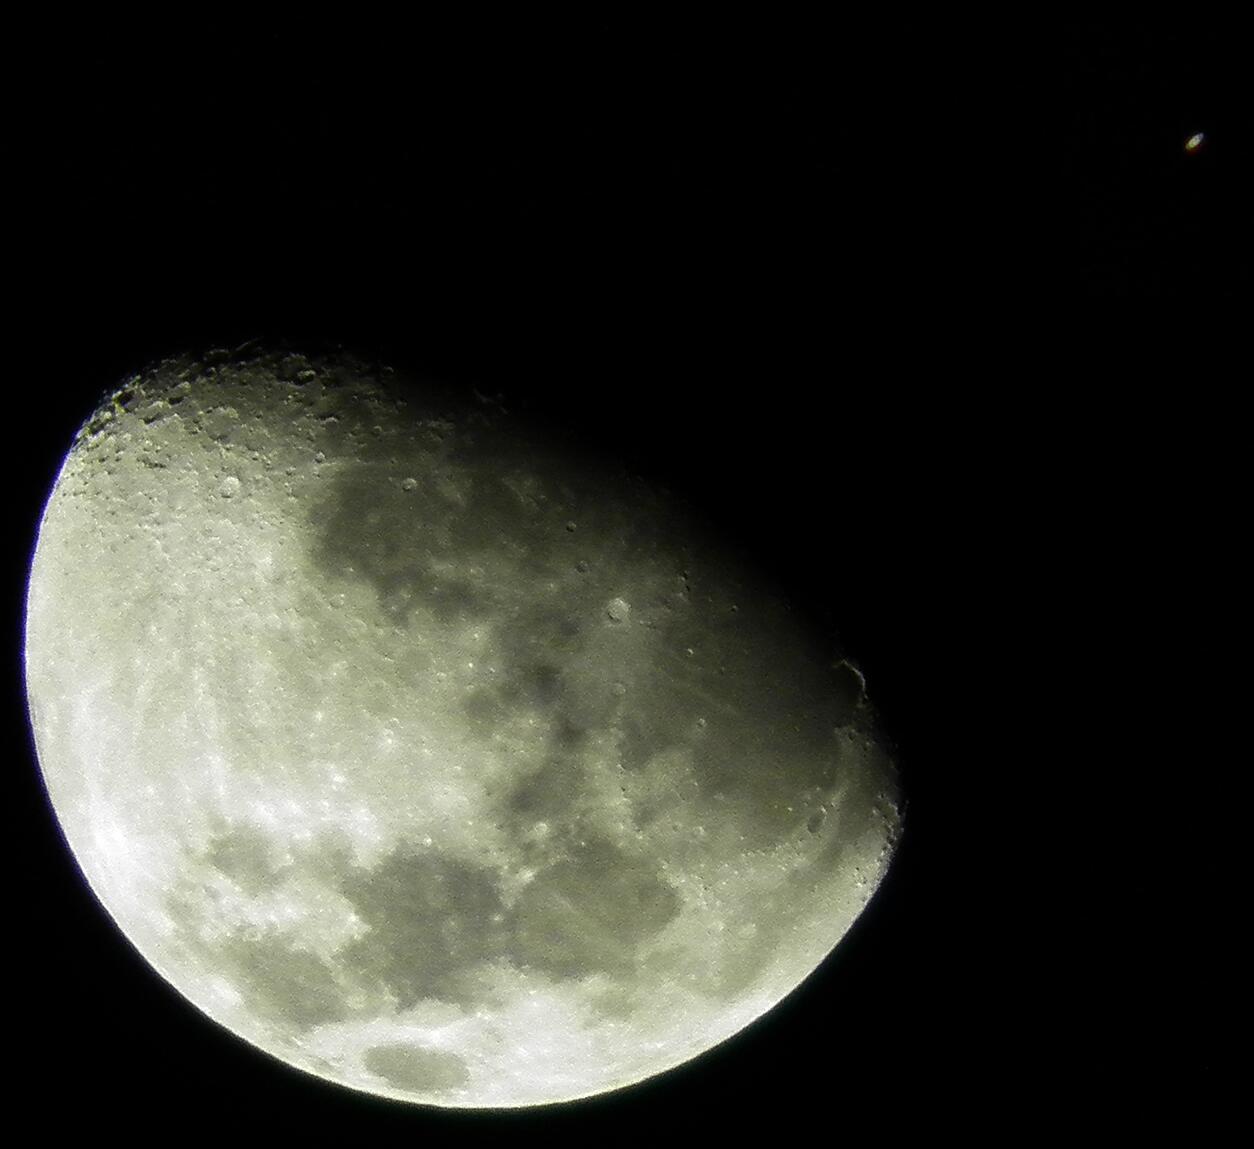 RT @SebyCom: @El_Universo_Hoy La luna y saturno en este momento http://t.co/hzLKKySPlq